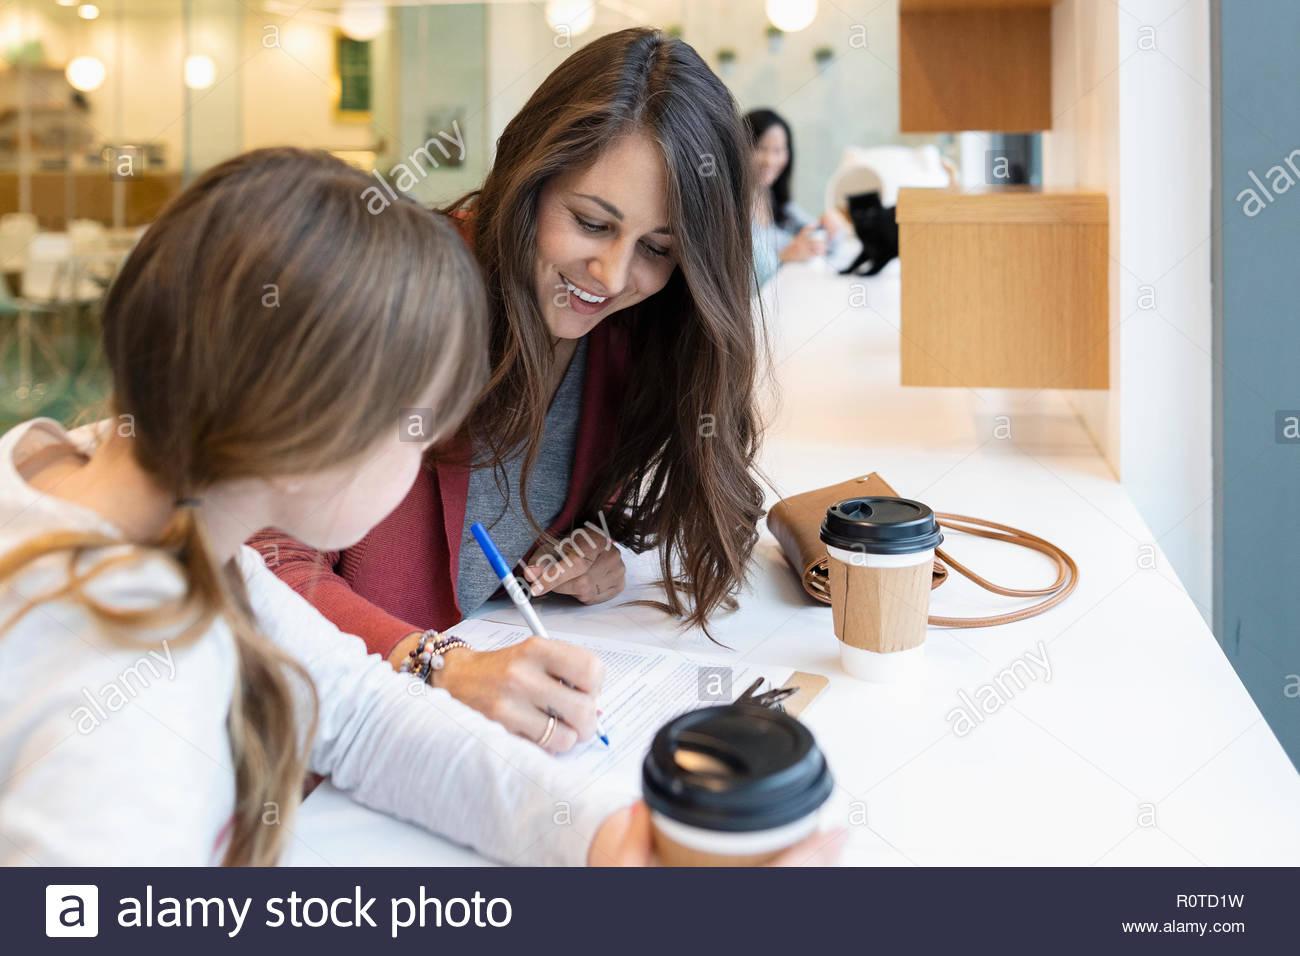 Mutter und Tochter ausfüllen Schreibarbeit in Cafe Stockbild